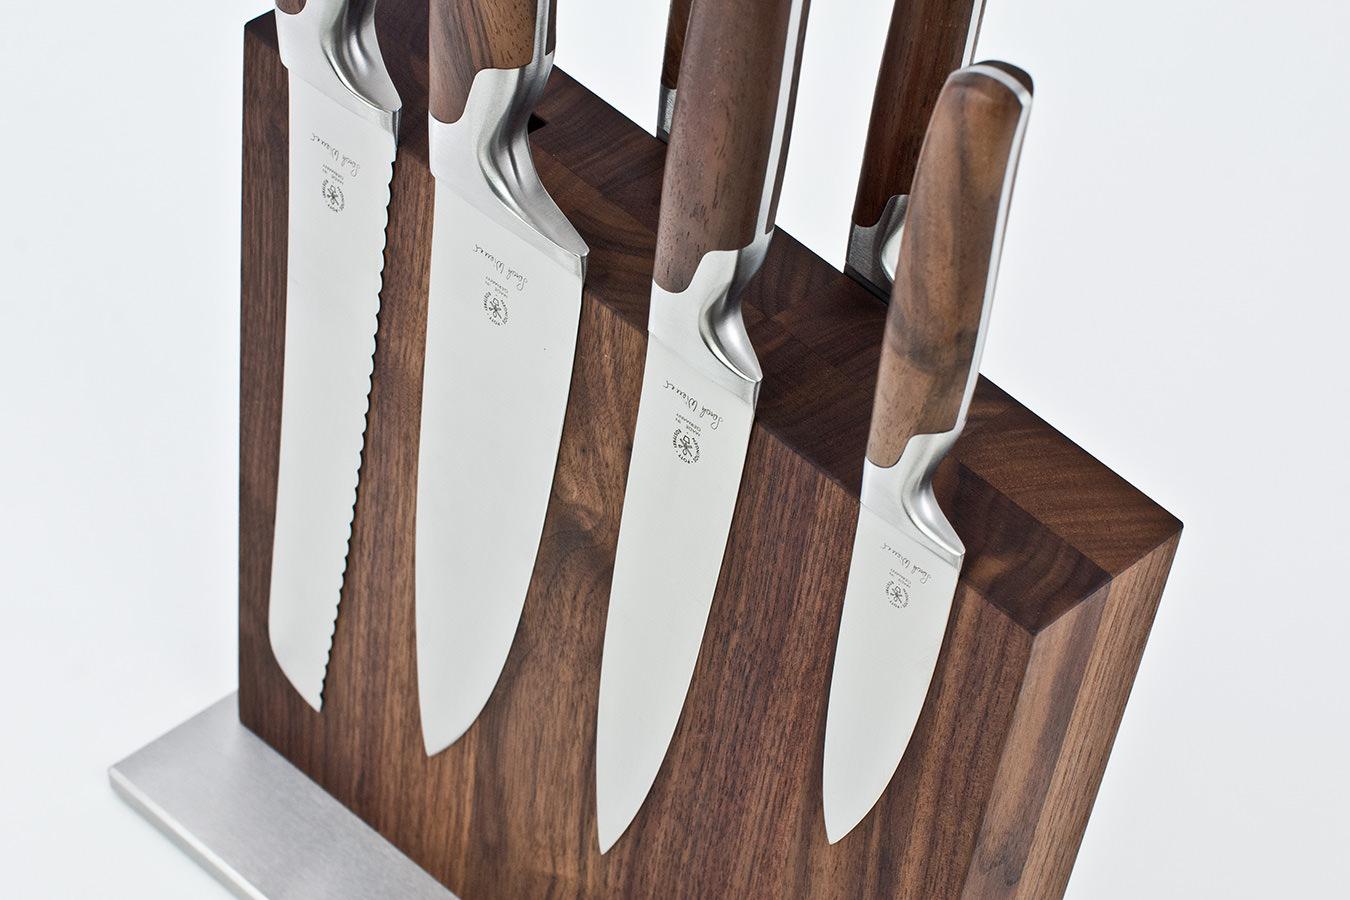 Messerblock mit Messer